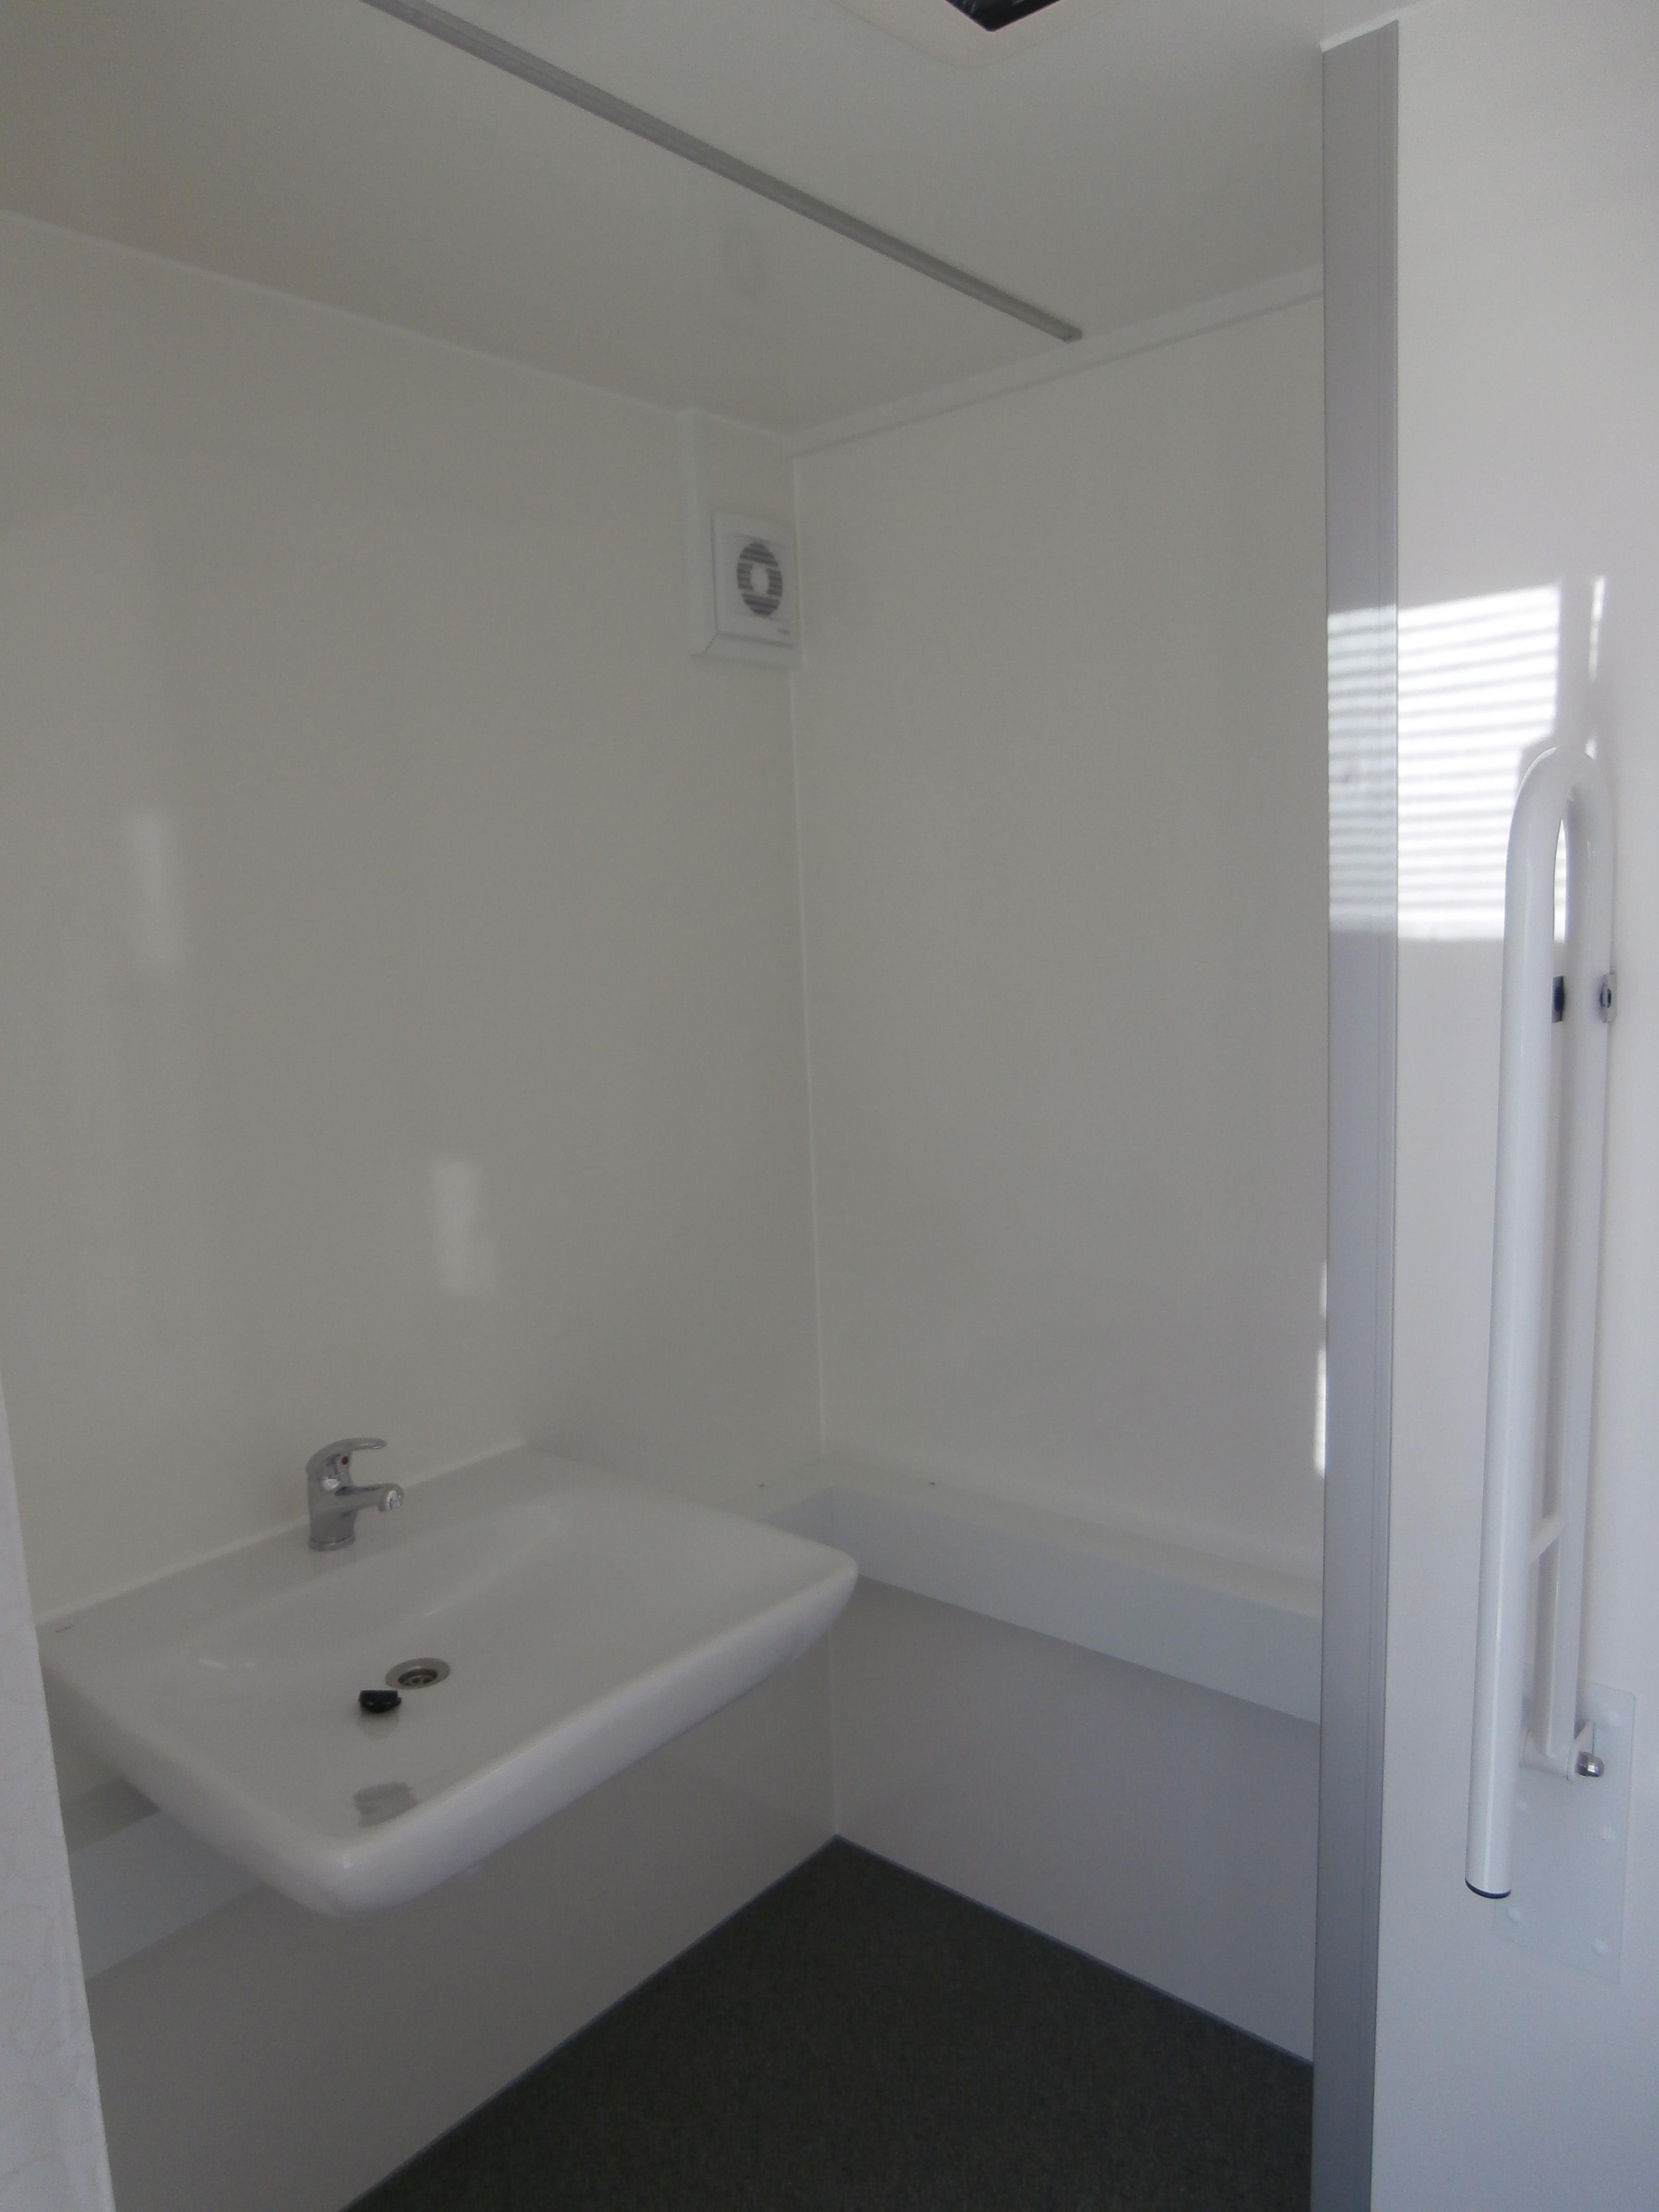 Typ 17 g 32 mobile badezimmer eurowagon - Mobiles badezimmer ...